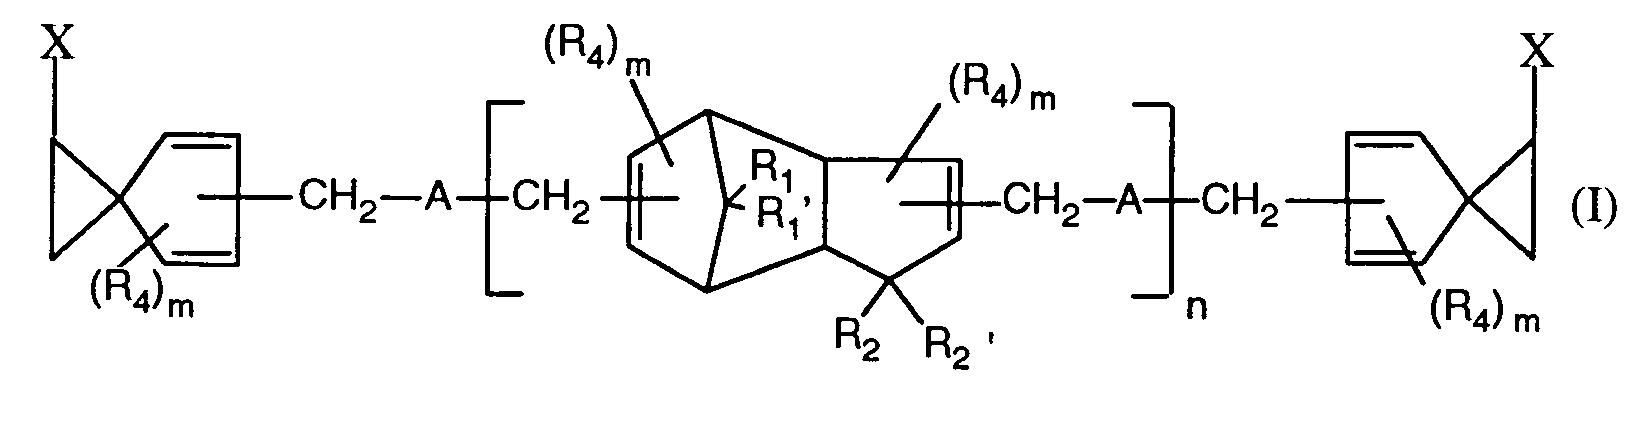 Gemische Aus Spiroheptadienverbindungen Patent 0514338